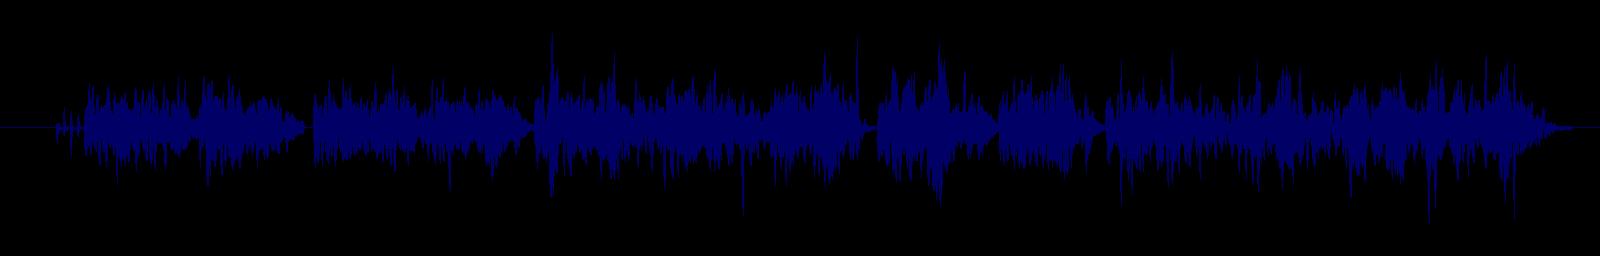 waveform of track #132479